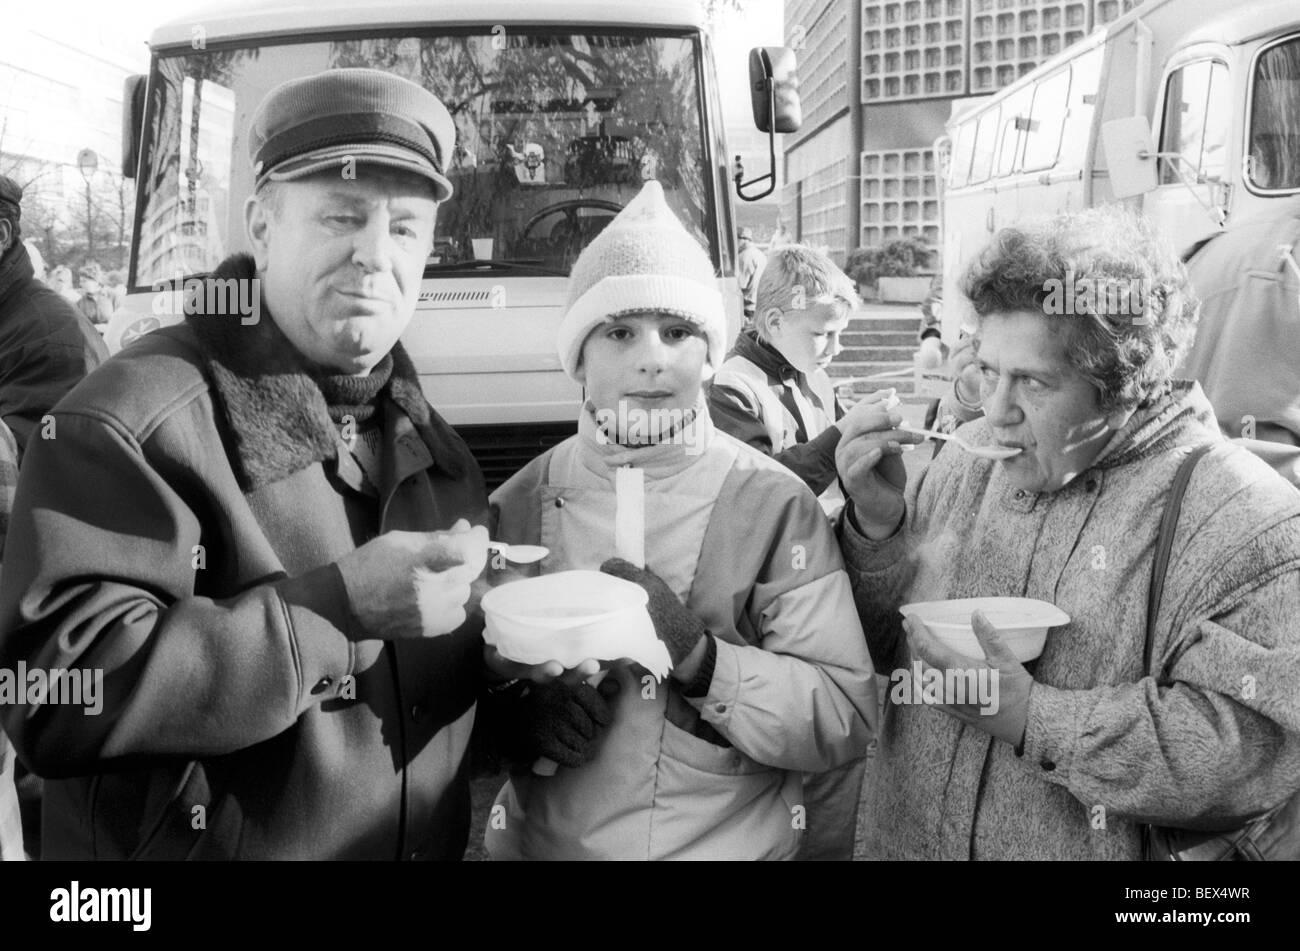 Menschen Aus Der DDR Essen Suppe Aus Freien Suppenküche Während Eines  Besuchs In West Berlin,